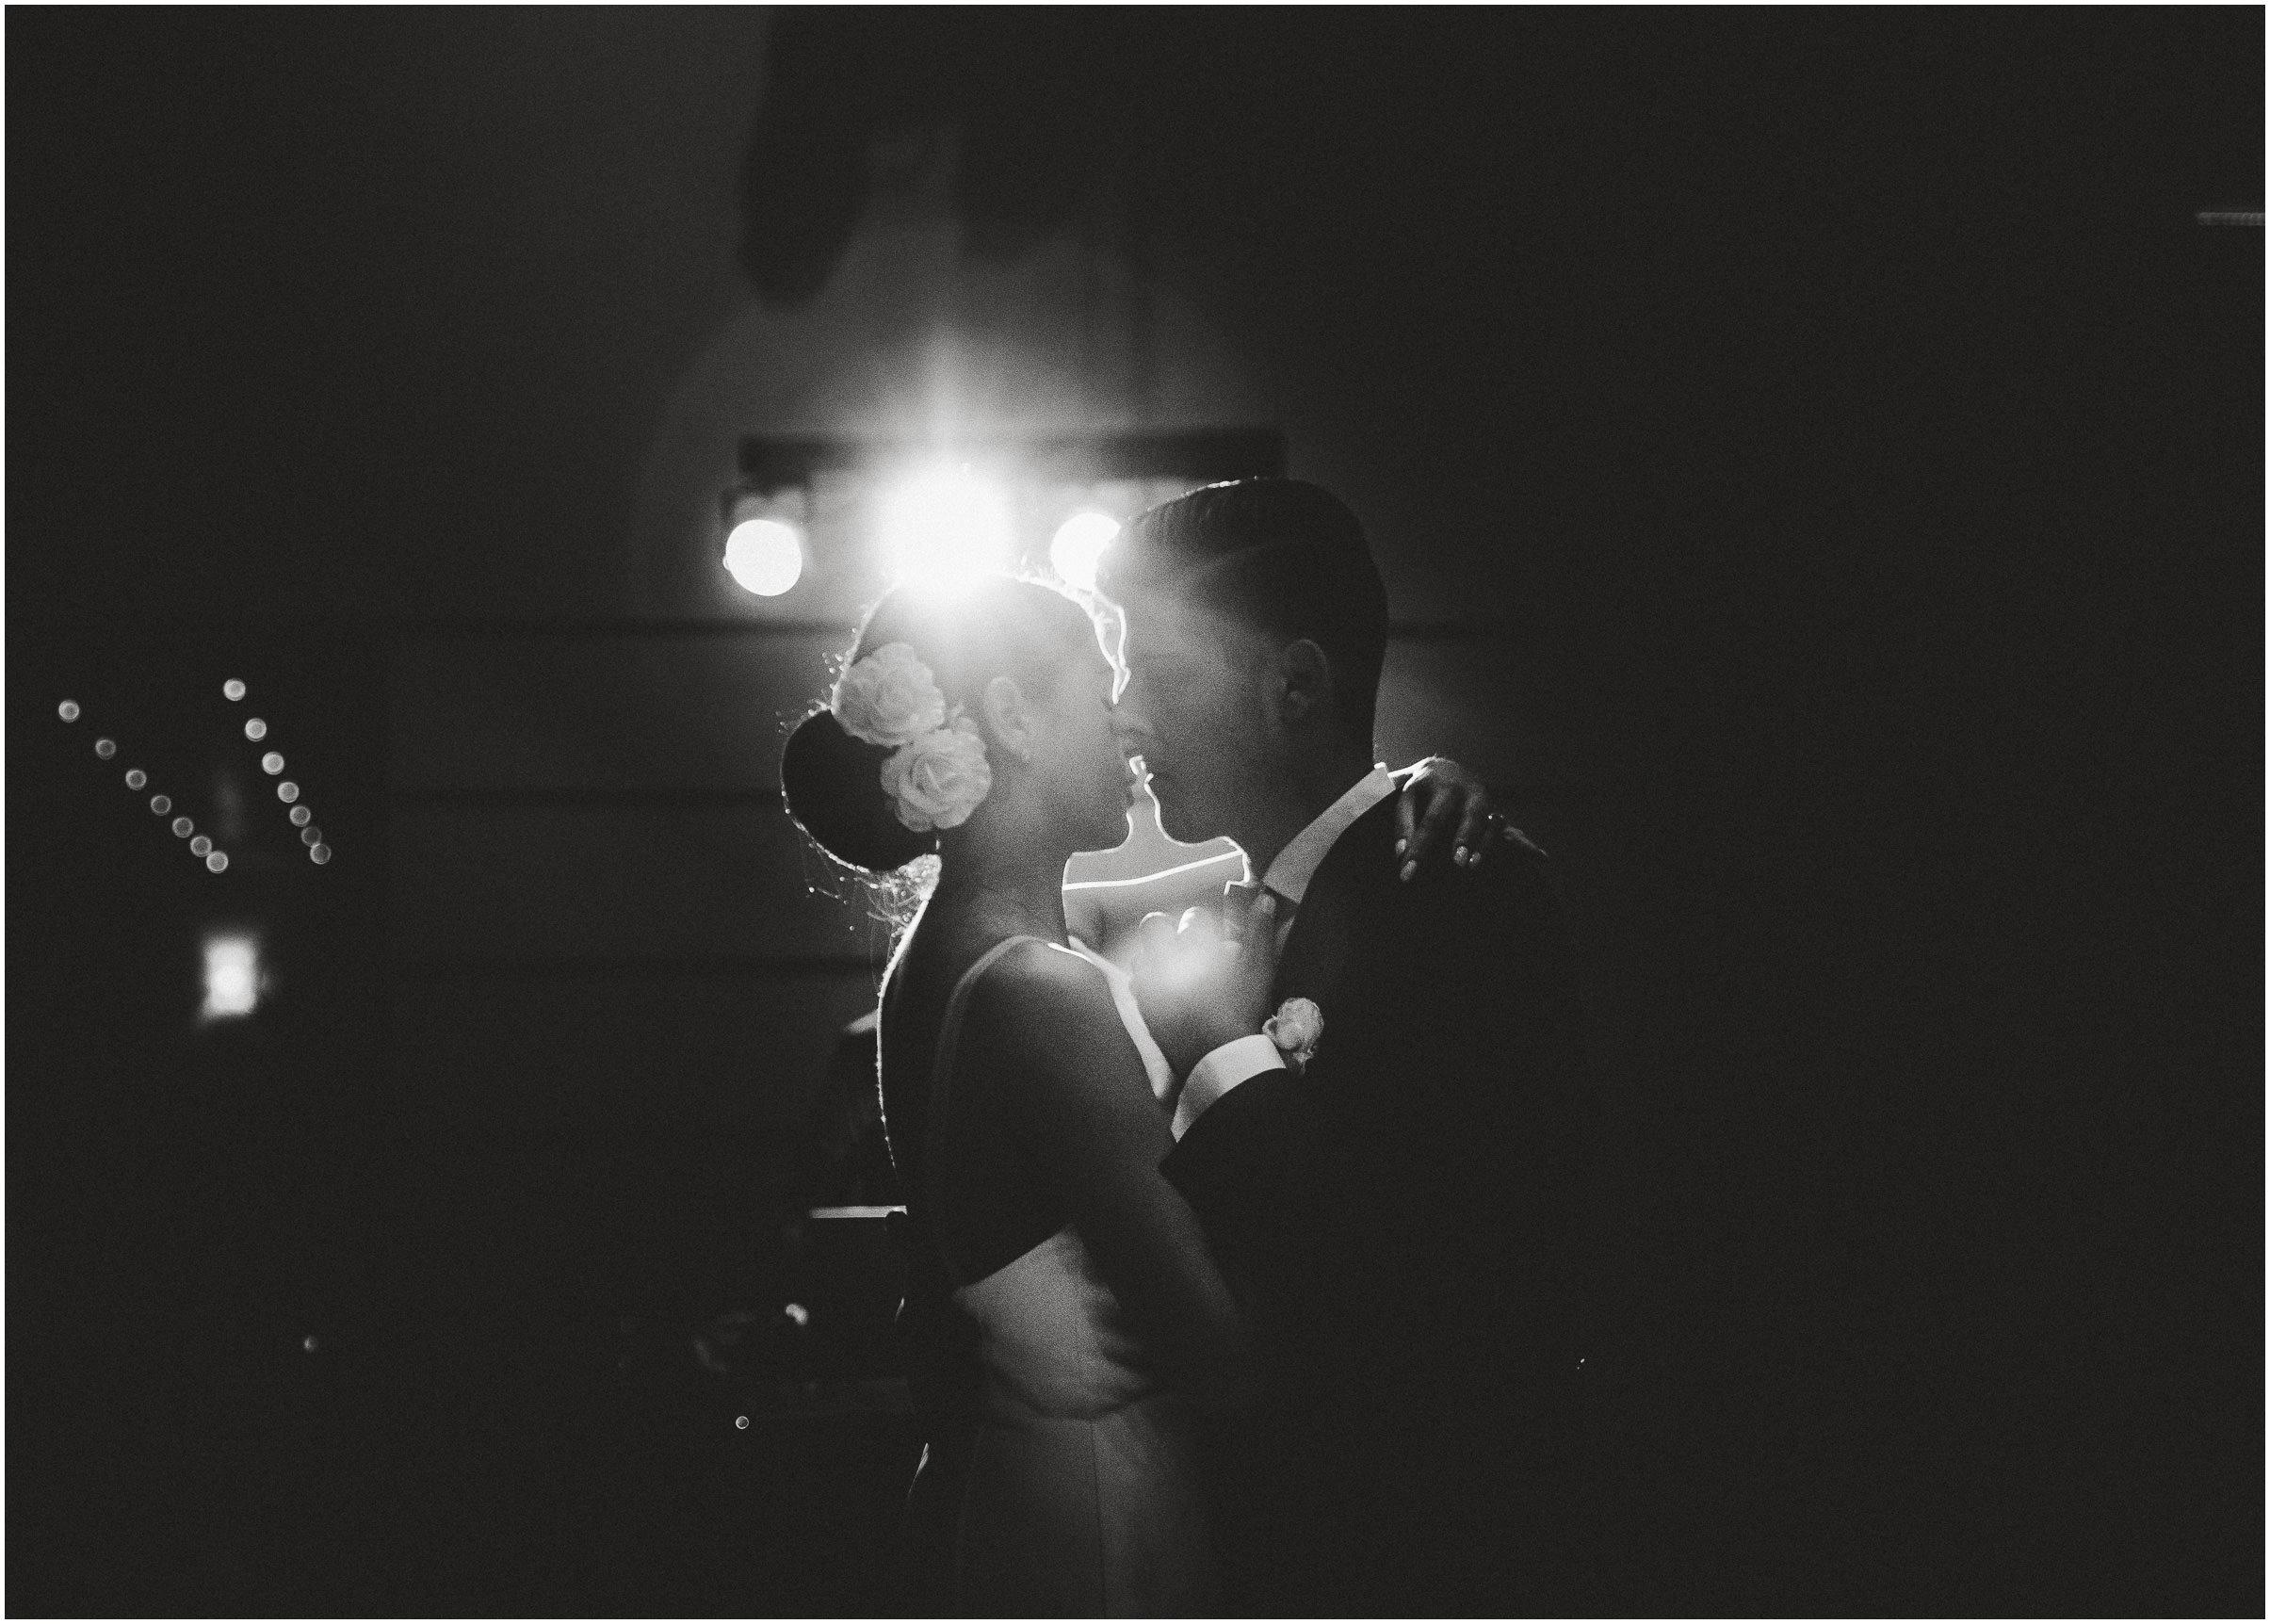 WEDDING-PHOTOGRAPHY-SARA-LORENZONI-FOTOGRAFIA-MATRIMONIO-AREZZO-TUSCANY-EVENTO-LE-SPOSE-DI-GIANNI-ELISA-LUCA069